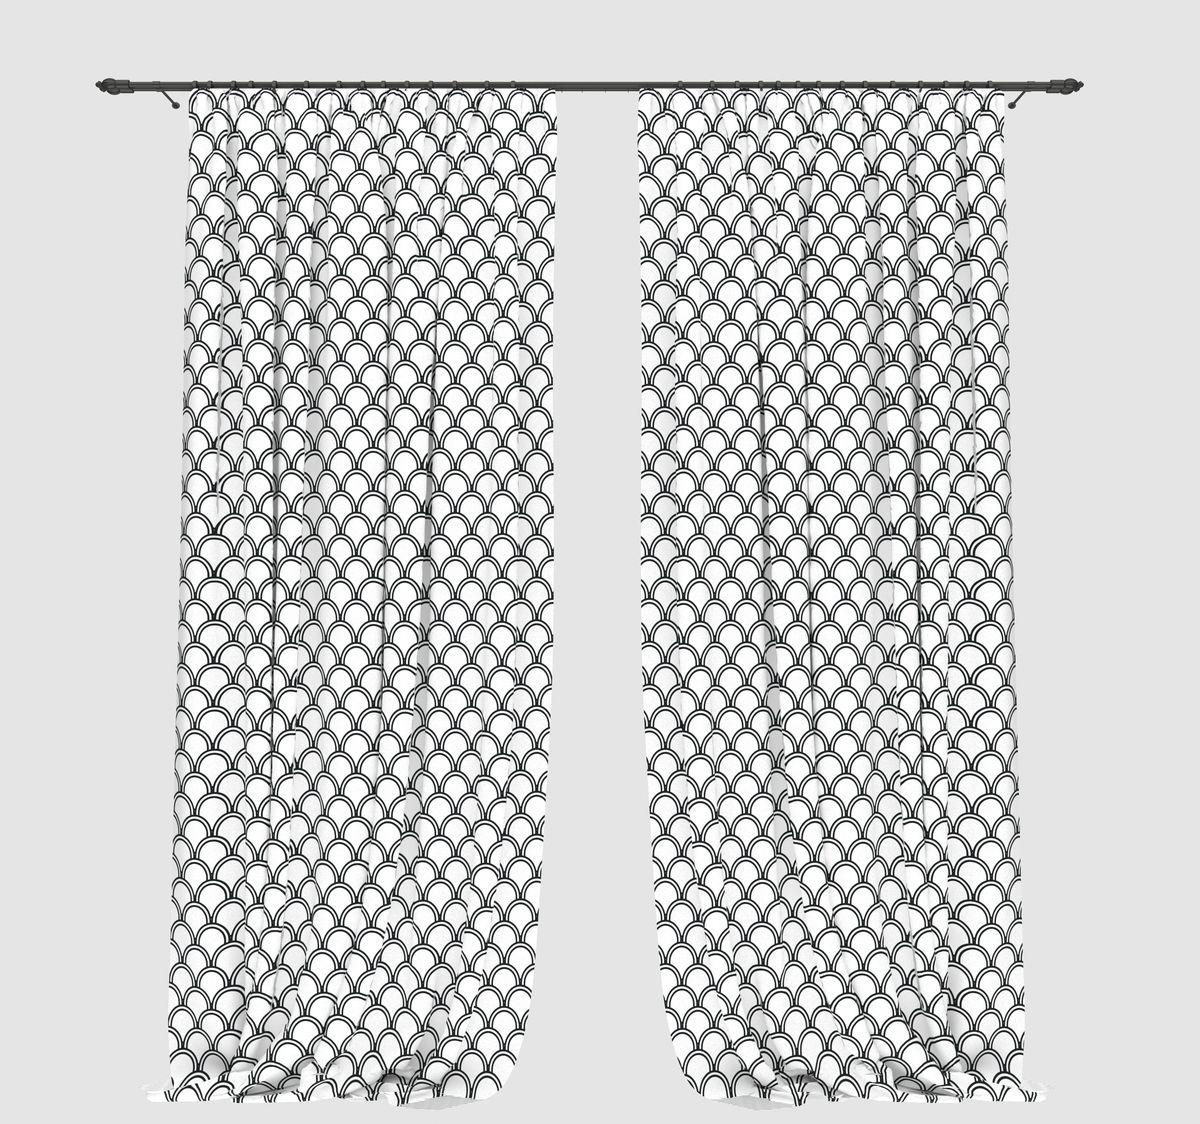 Комплект фотоштор Bellino Home Либра, высота 260 см. 05647-ФШ-ГБ-00105647-ФШ-ГБ-001Комплект фотоштор BELLINO HOME. Коллекция Китай является стилевым направлением,получившим свое развитие как ветвь стиля рококо. Шинуазри- один из видов ориентализма. Этот стиль начал набирать популярность в начале ХХ века, когда возник спрос на ар-деко. Стиль шинуазри органично впишется в любой интерьер, так как он представляет собой не оригинальный китайский стиль, а скоре европейское представление о Китае. Тема вариации, свобода от условностей, Ваш экспромт от BELLINO HOME. Крепление на карниз при помощи шторной ленты на крючки. В комплекте: Портьера: 2 шт. Размер (ШхВ): 145 см х 260 см. Рекомендации по уходу: стирка при 30 градусах гладить при температуре до 150 градусов Изображение на мониторе может немного отличаться от реального.